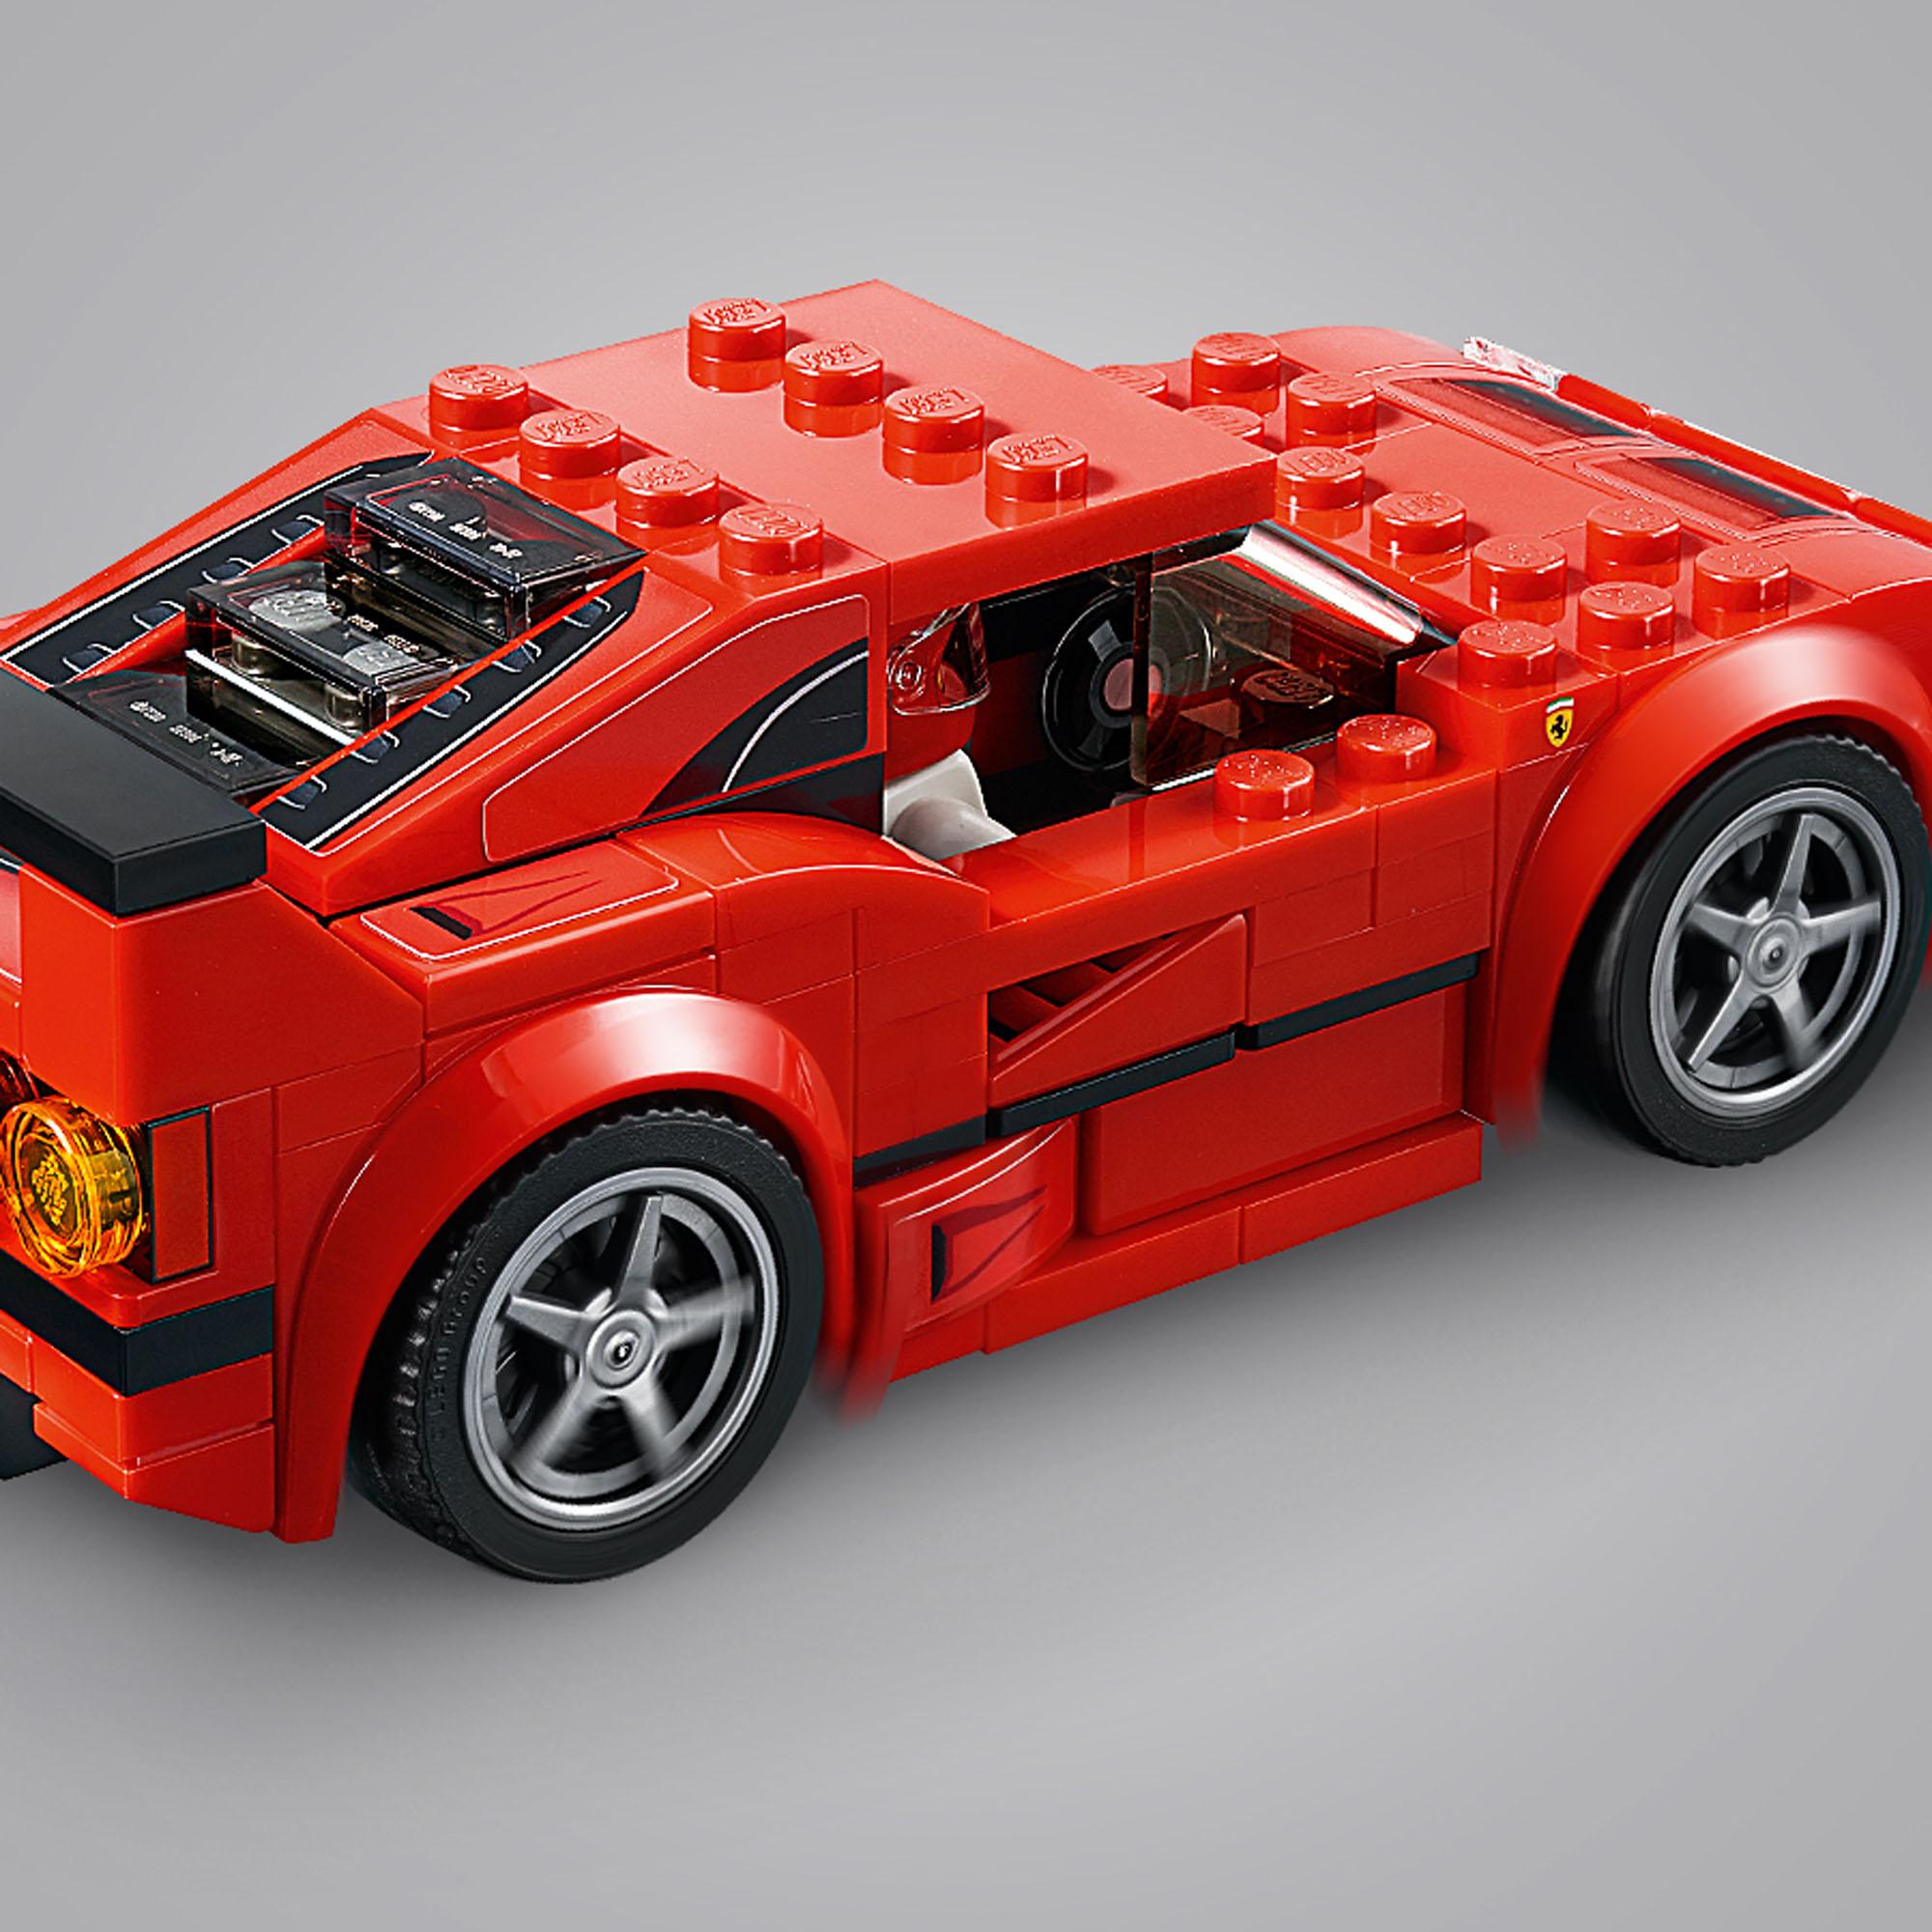 Ferrari F40: 75890 LEGO Speed Champions Ferrari F40 Competizione 198